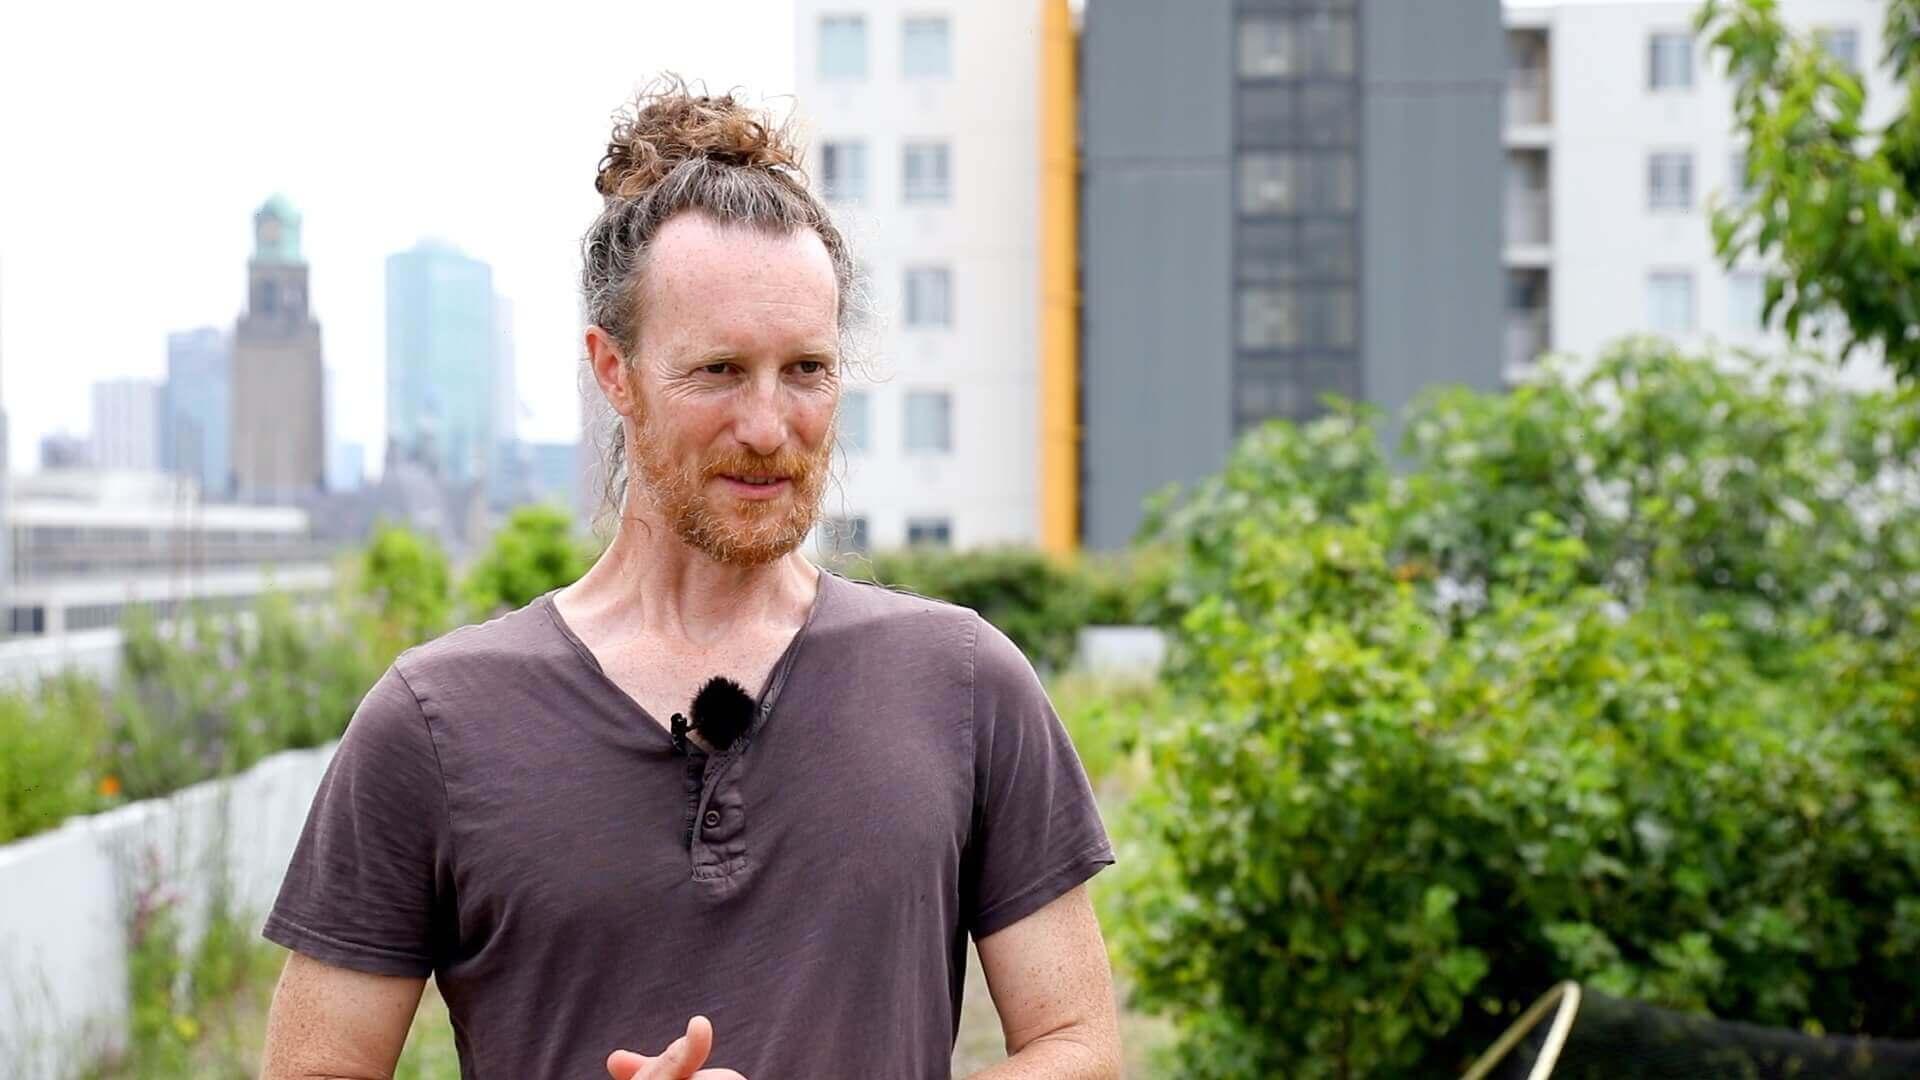 Rooftop farmer Wouter Bauman